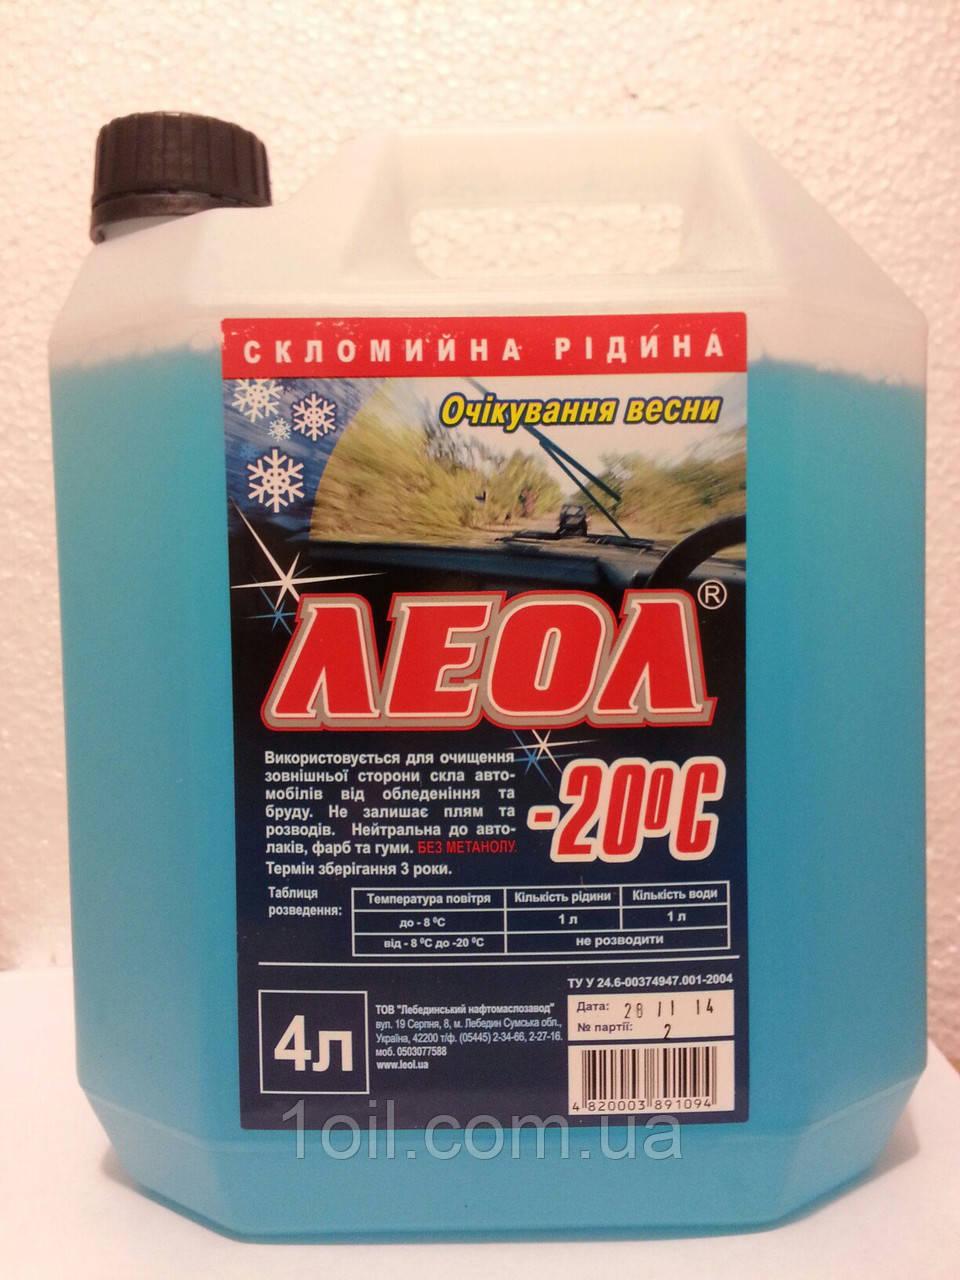 Незамерзающая жидкость (для омывателя стекла)  ЛЕОЛ   (-20 С)    5л